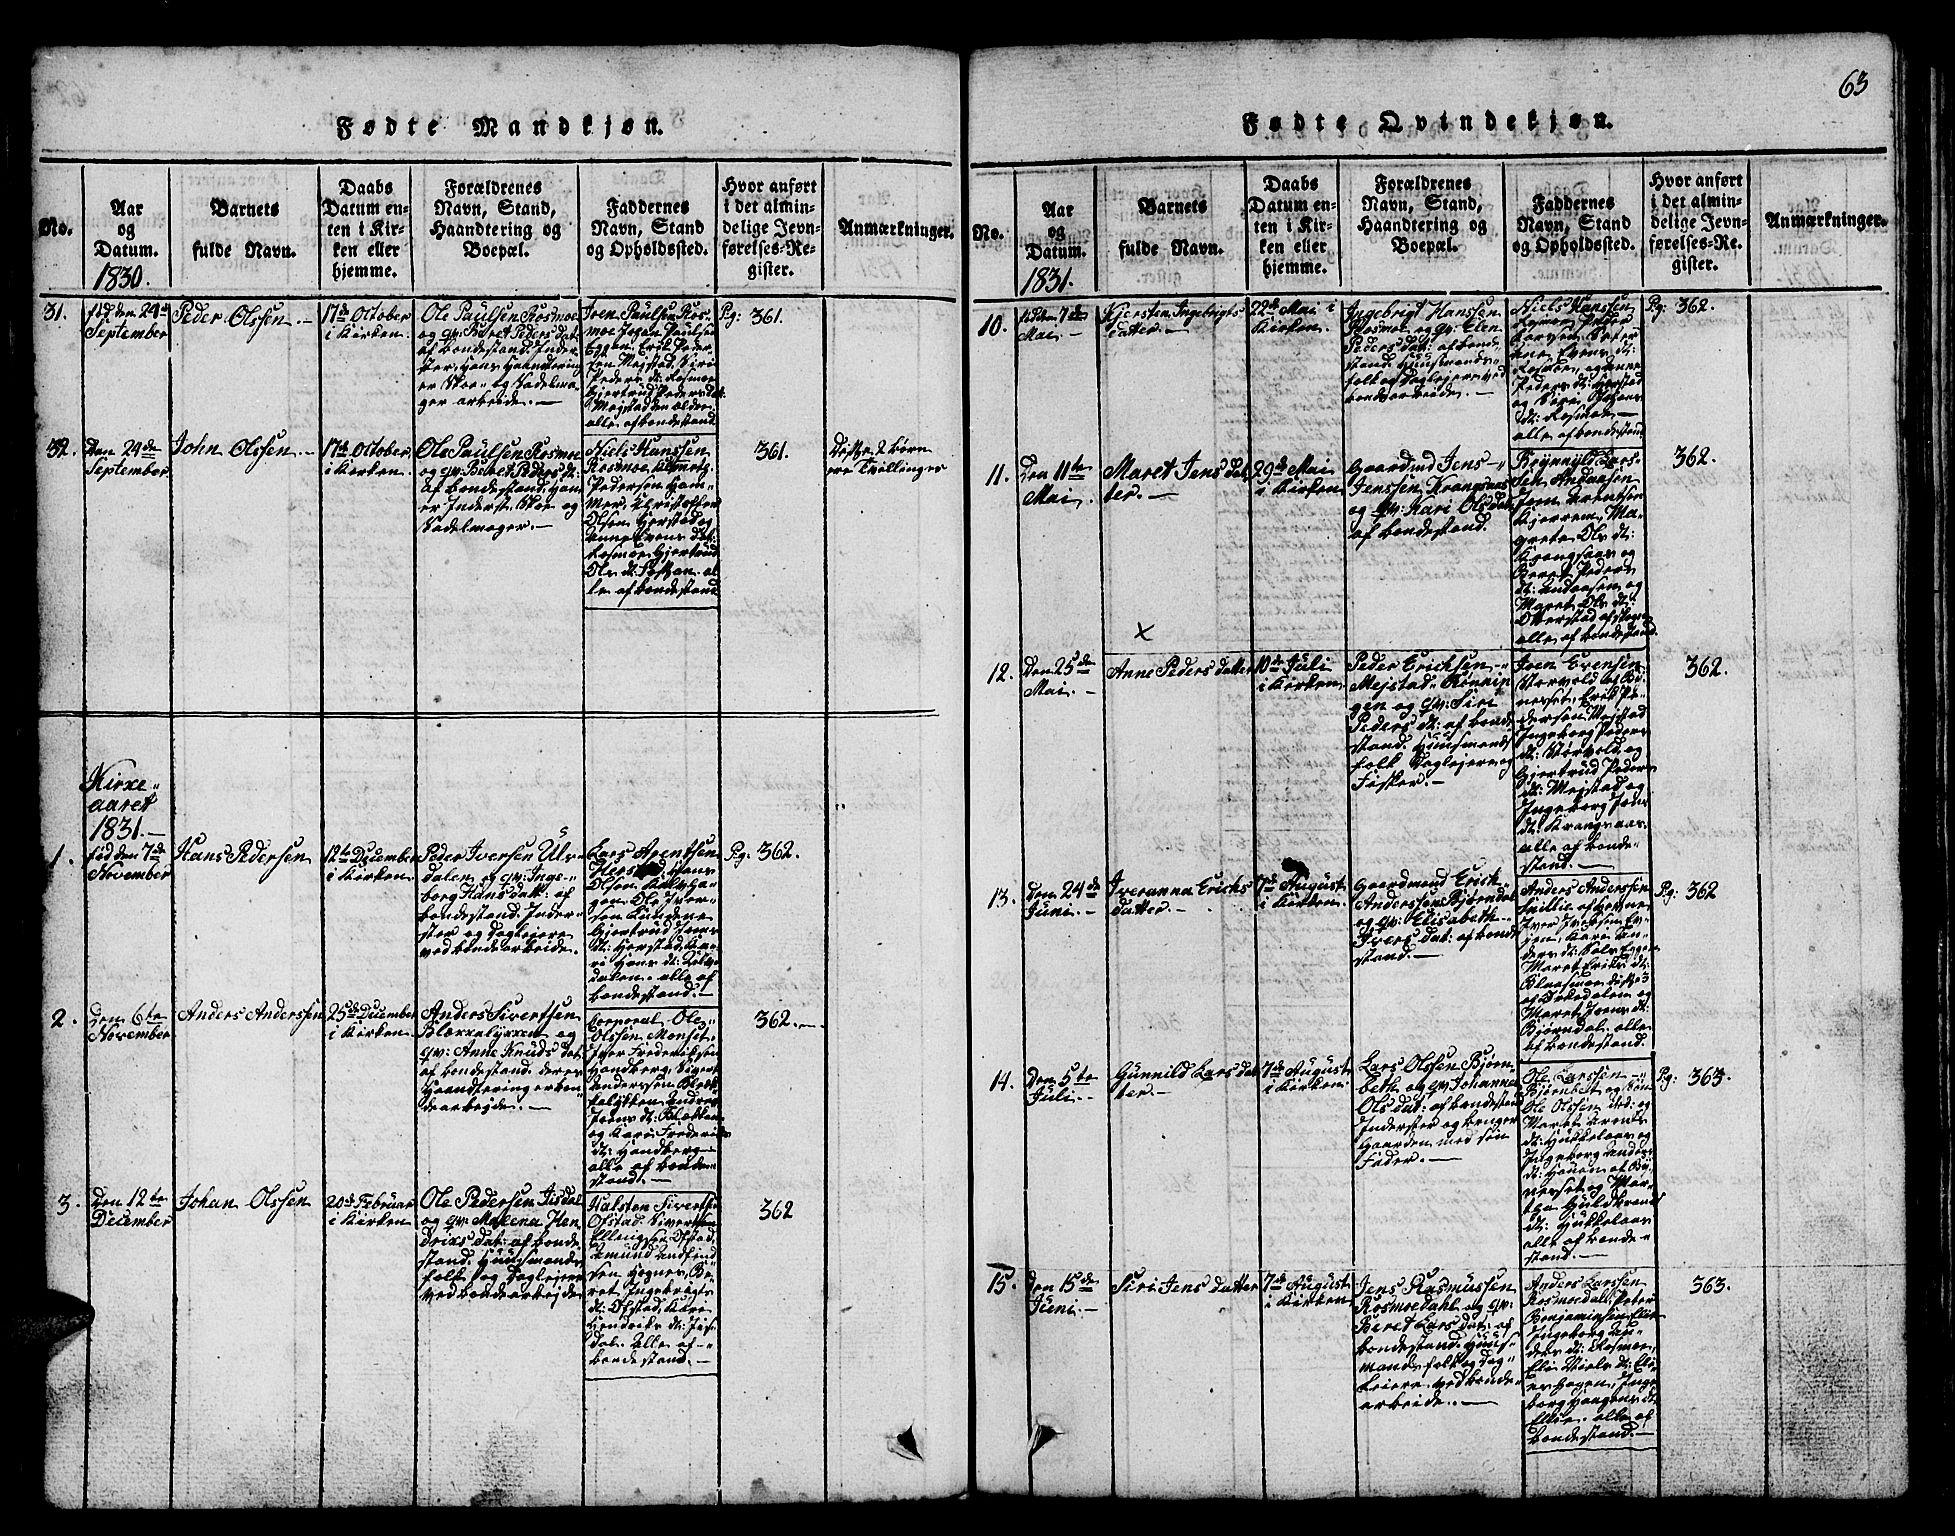 SAT, Ministerialprotokoller, klokkerbøker og fødselsregistre - Sør-Trøndelag, 665/L0776: Klokkerbok nr. 665C01, 1817-1837, s. 63